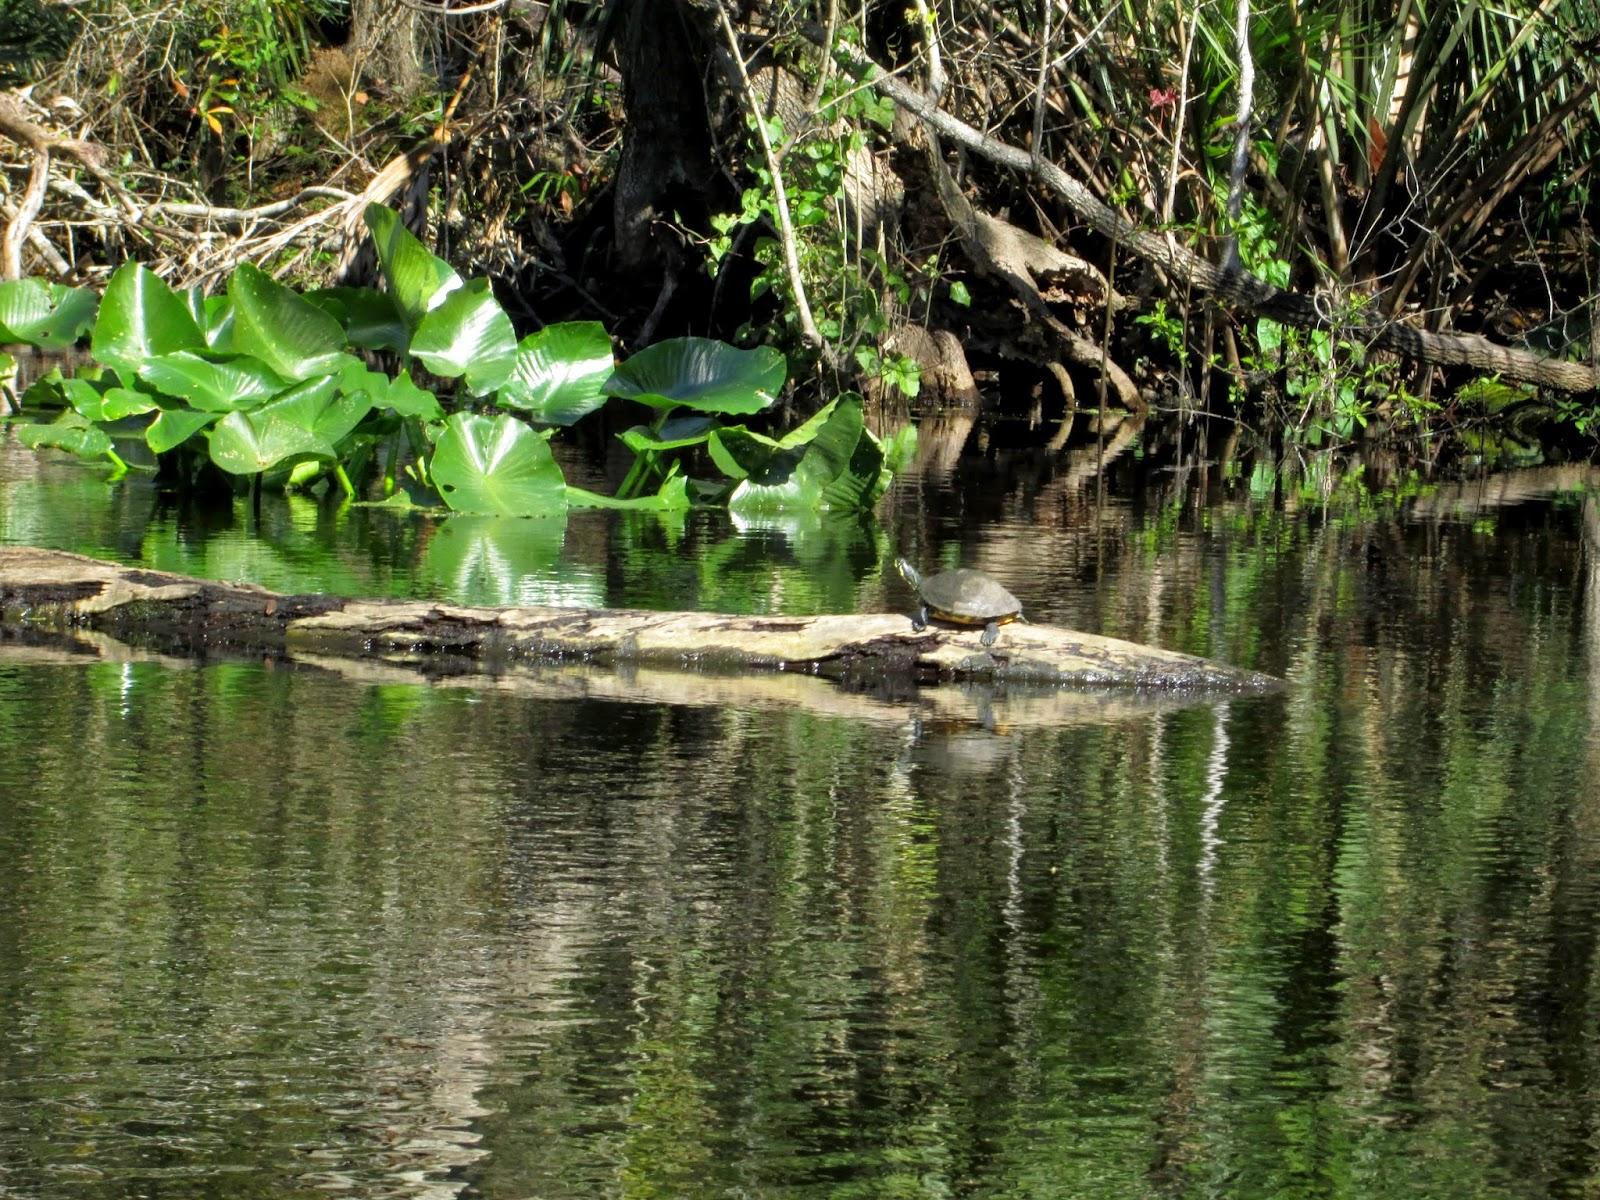 Wekiva River Monkeys The Middle Wekiva River is